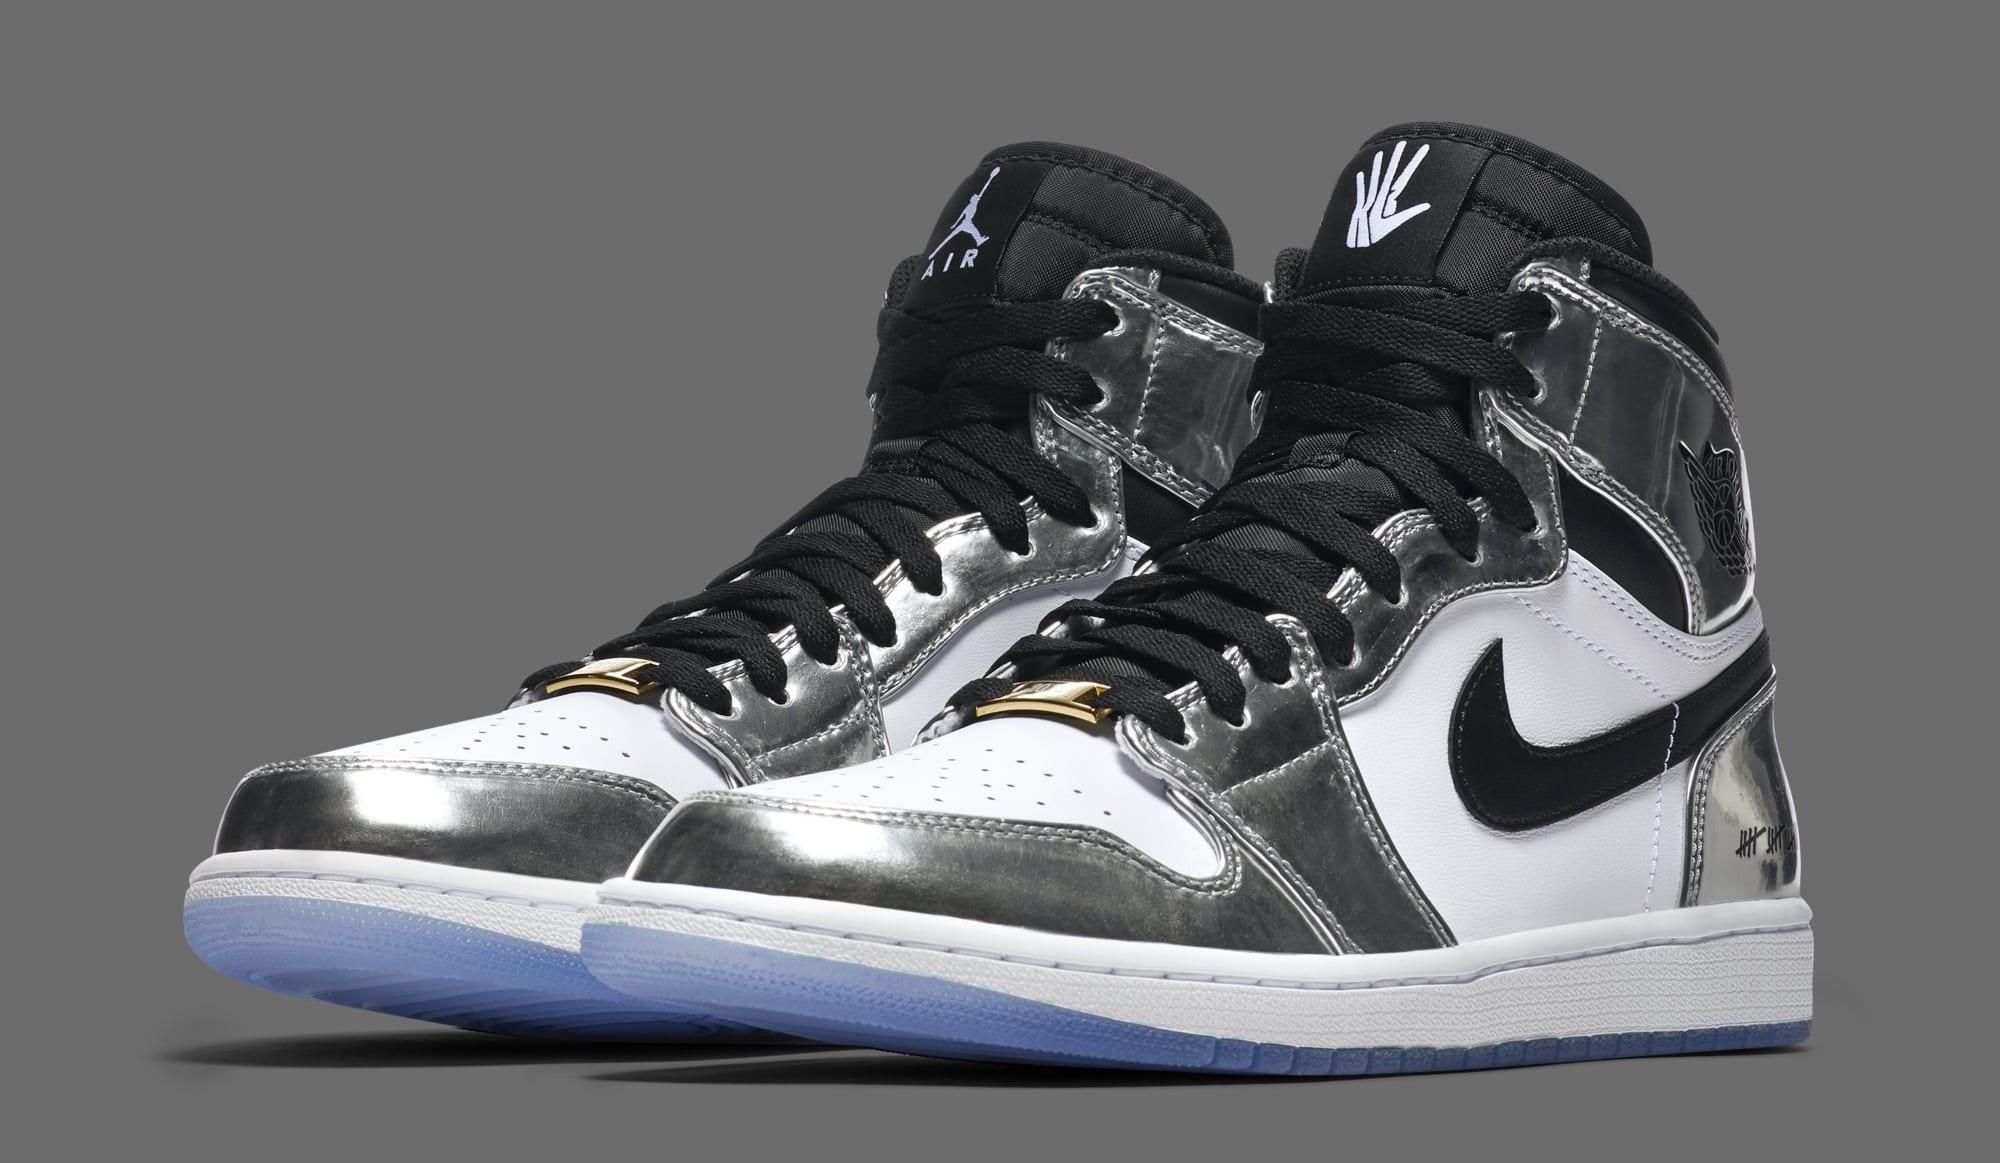 Nike Air Jordan I 1